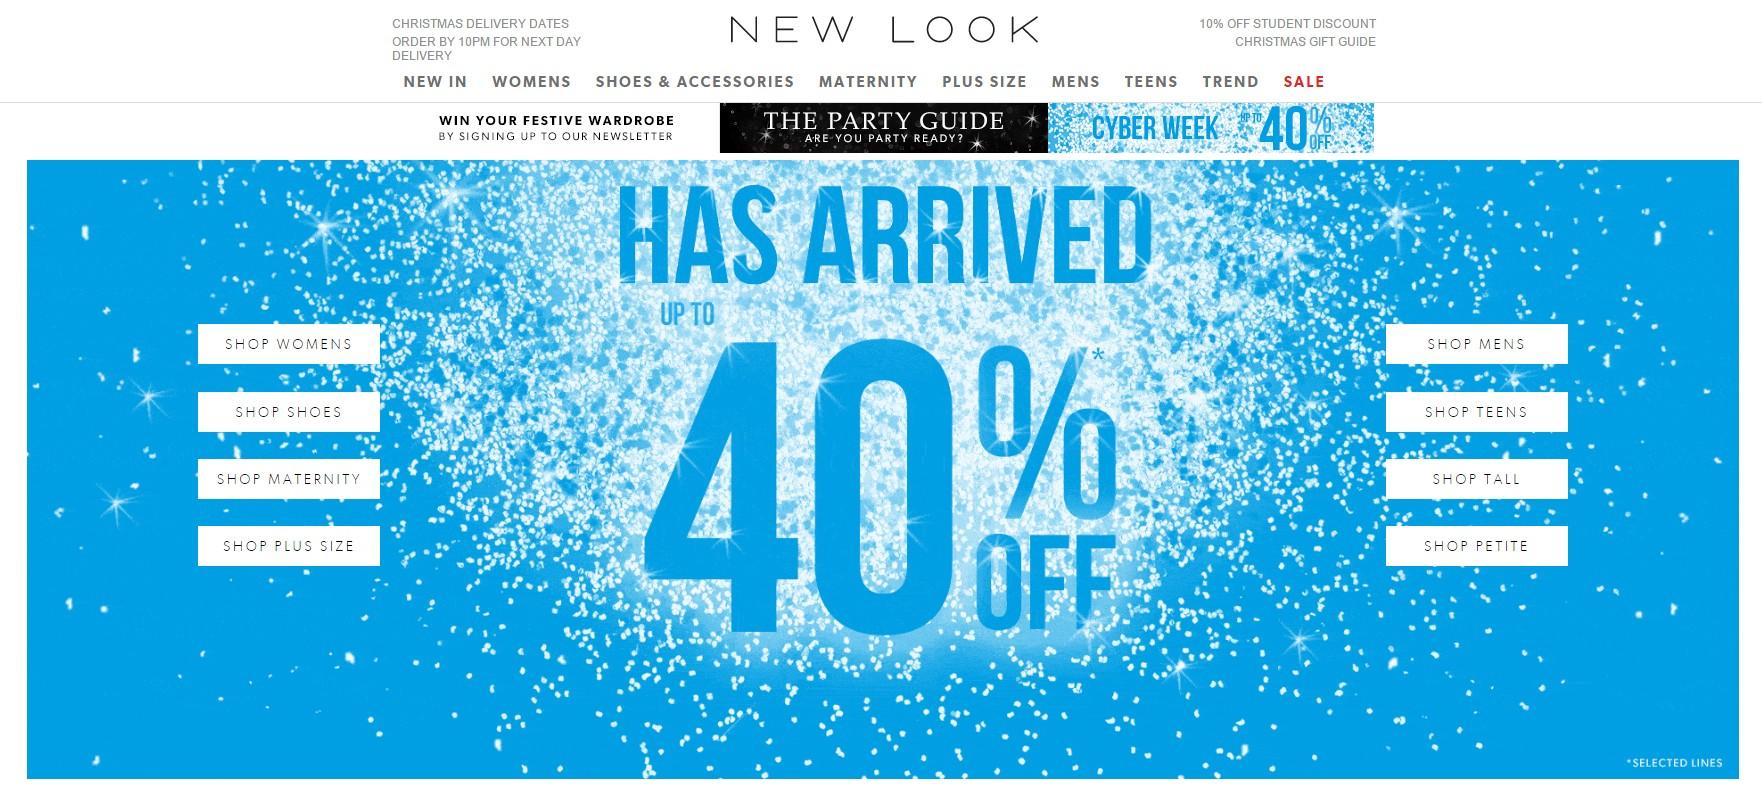 #7 New Look 英國非常平價的時尚品牌,目前提早進入聖誕打折季囉!